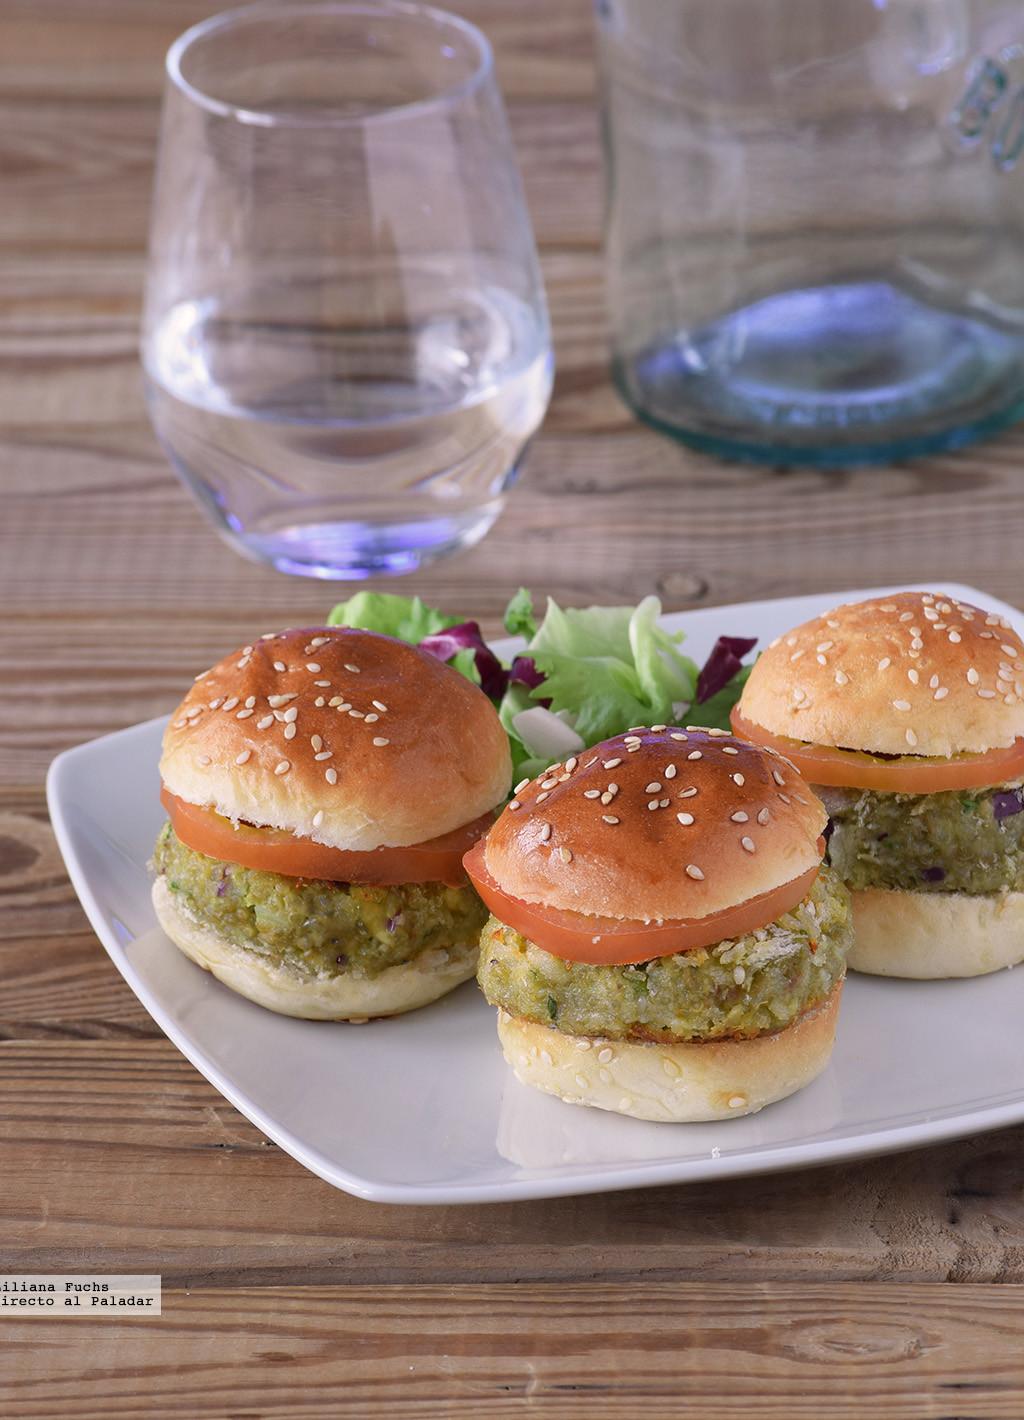 Las mejores hamburguesas vegetarianas de directo al paladar - Hamburguesas vegetarianas caseras ...